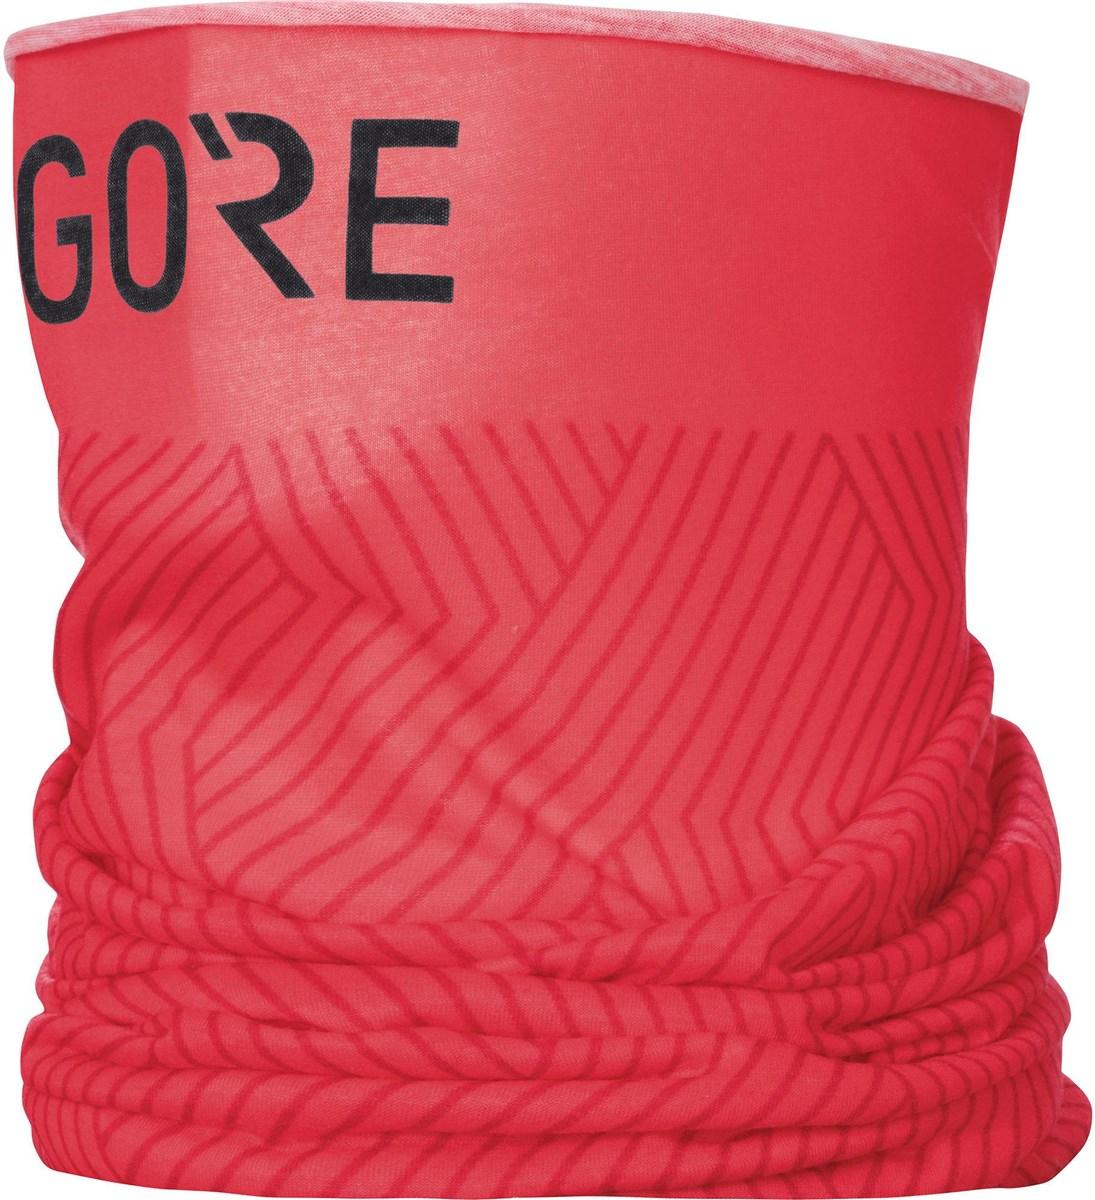 Gore Neckwarmer | Arm- og benvarmere